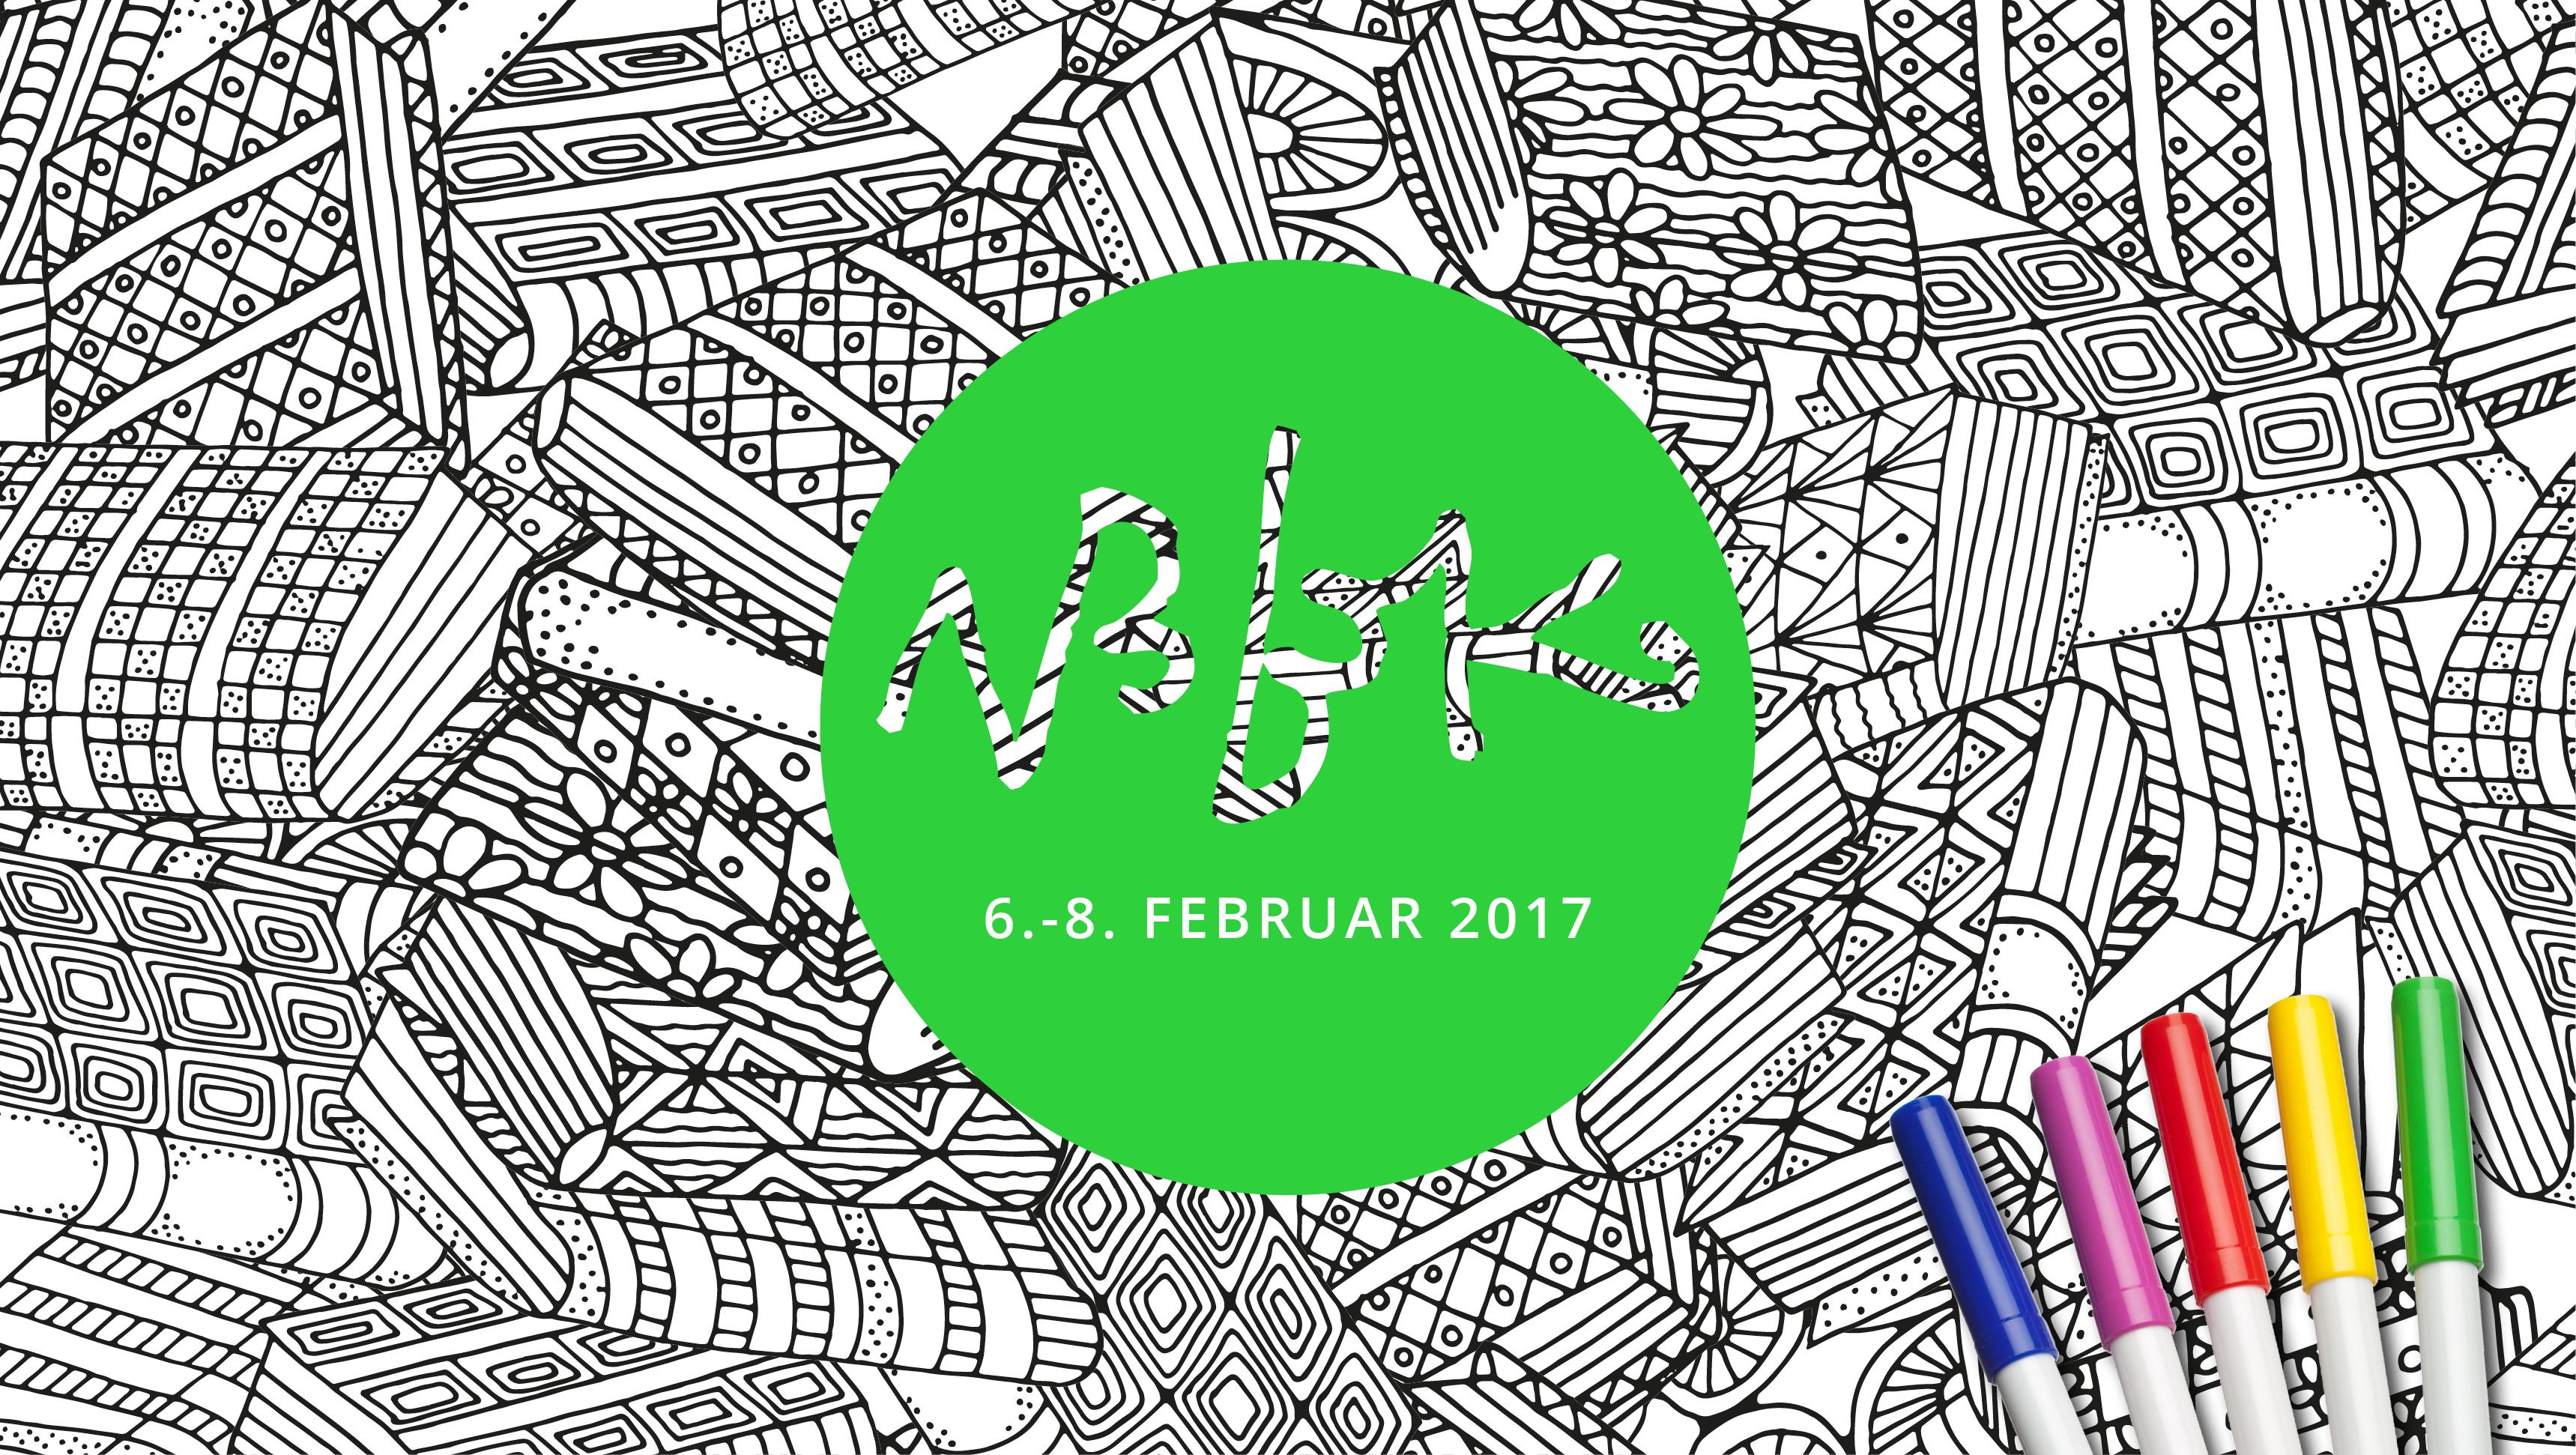 Klart for Nordisk barnebok-konferanse i Stavanger 6.-8. februar